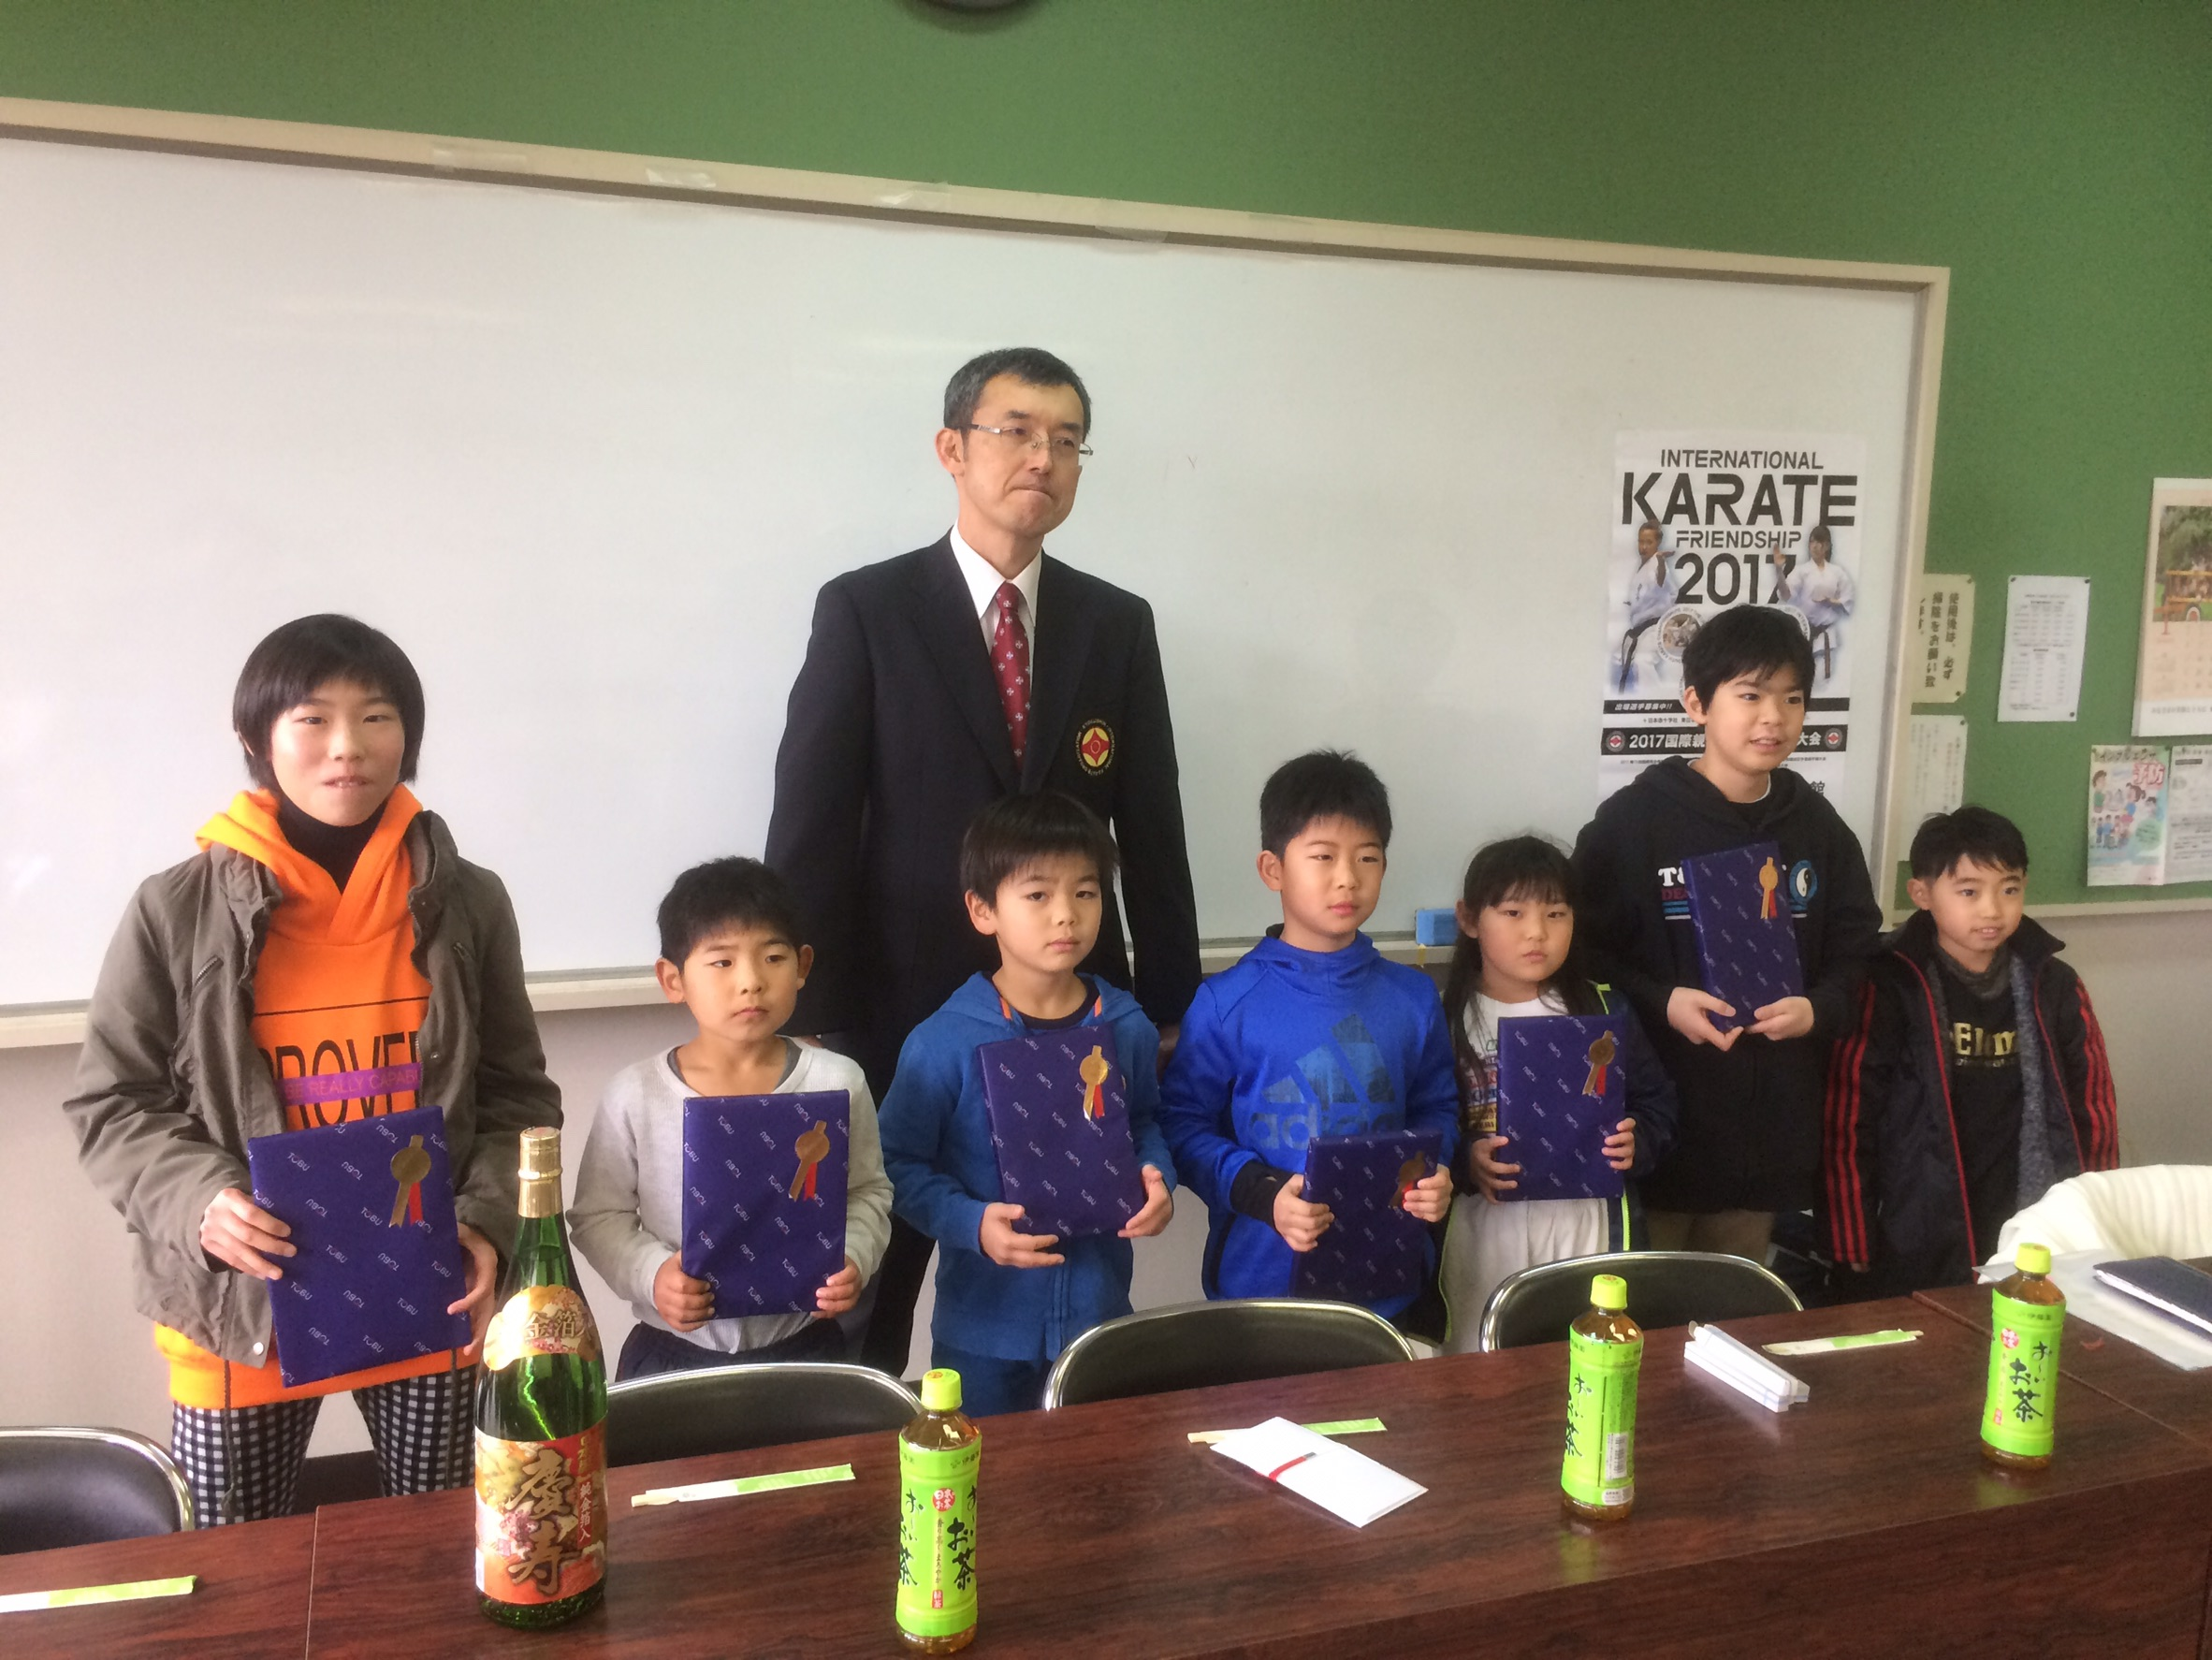 http://www.kyokushin-chibaminami.com/images/1484188443225.jpg